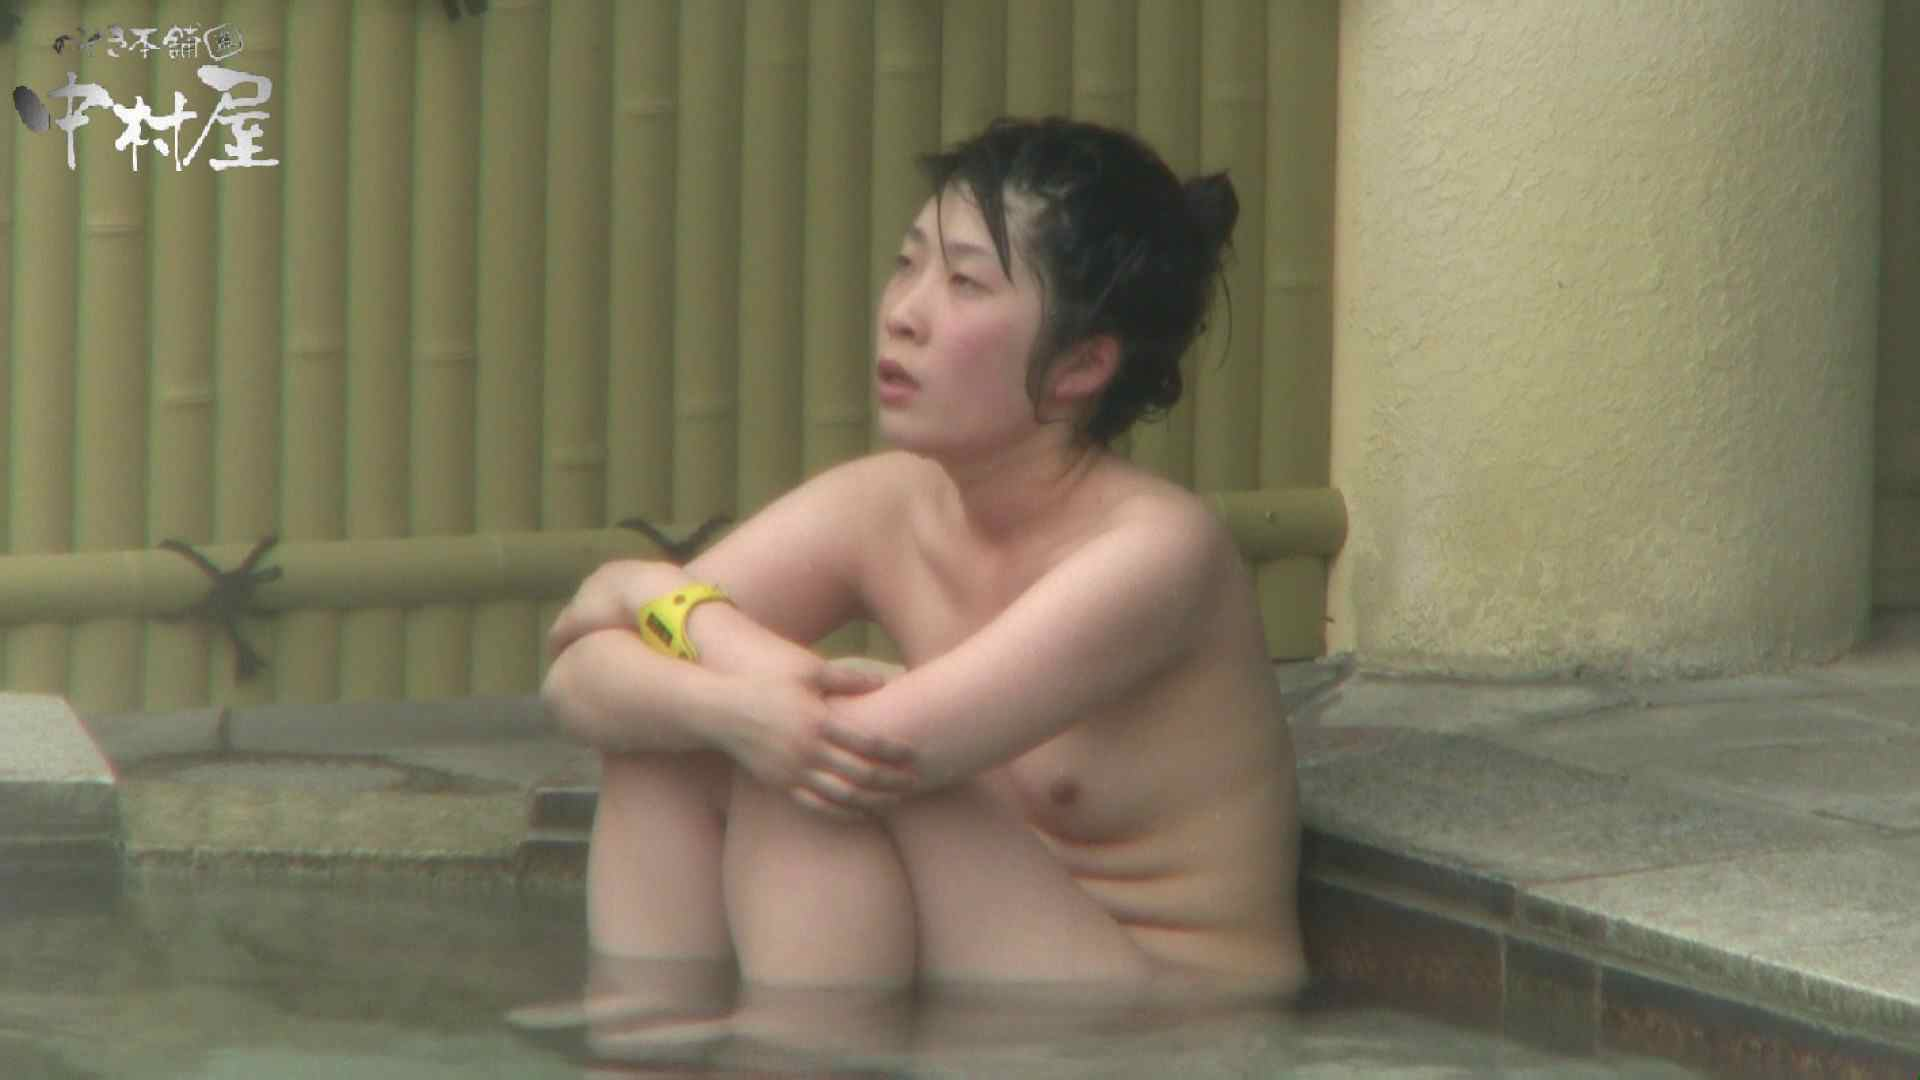 Aquaな露天風呂Vol.955 ガールの盗撮 オメコ動画キャプチャ 78枚